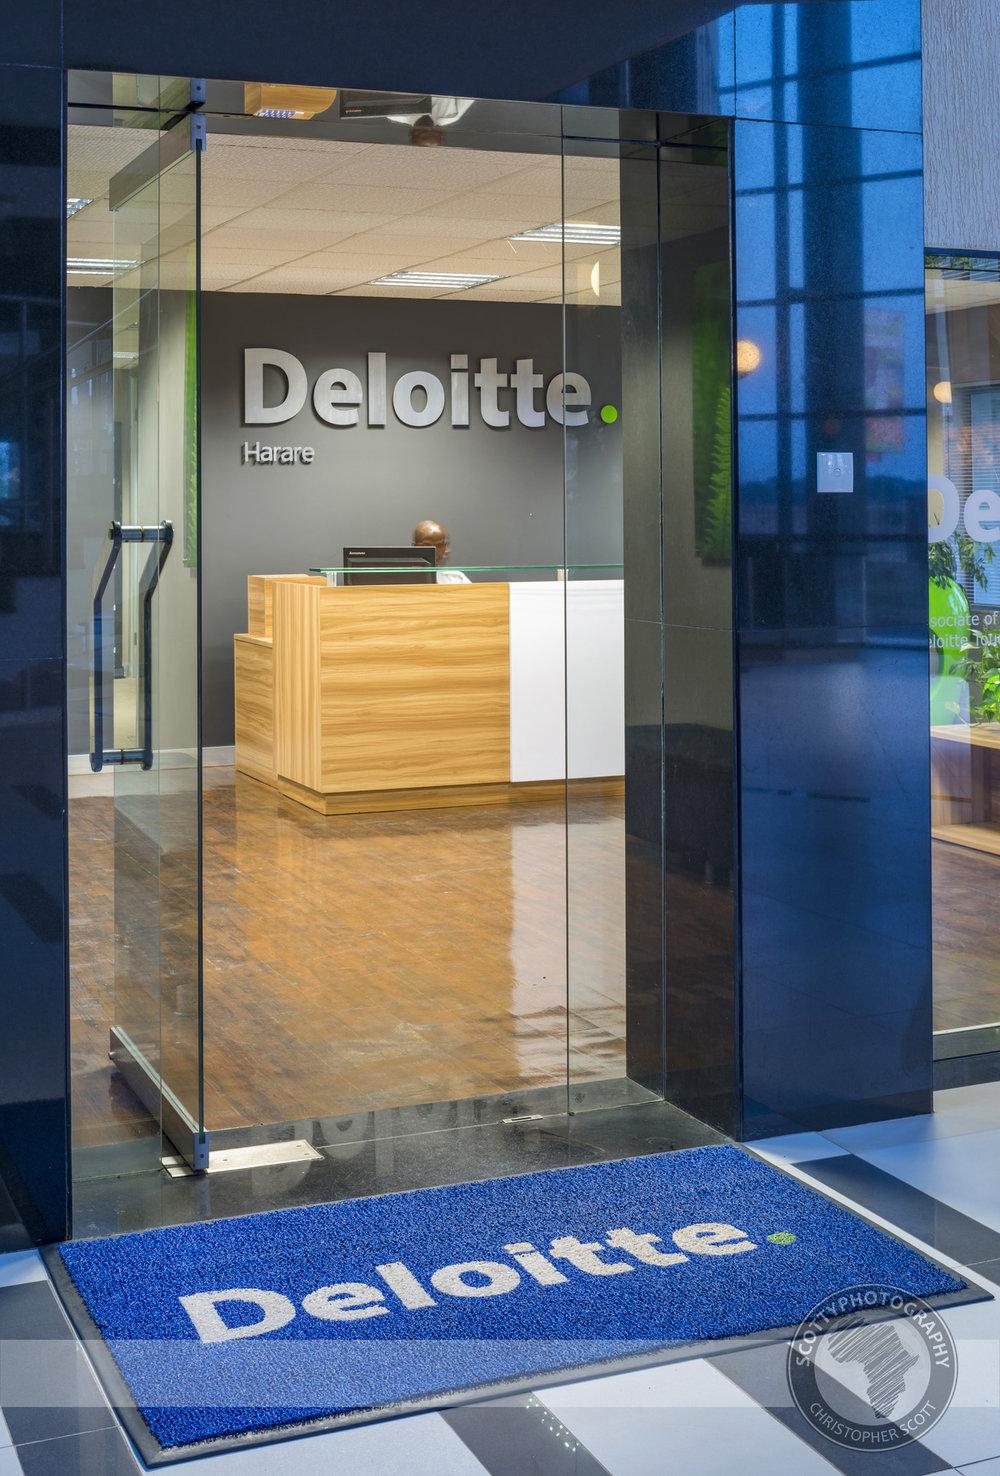 Deloitte005.jpg